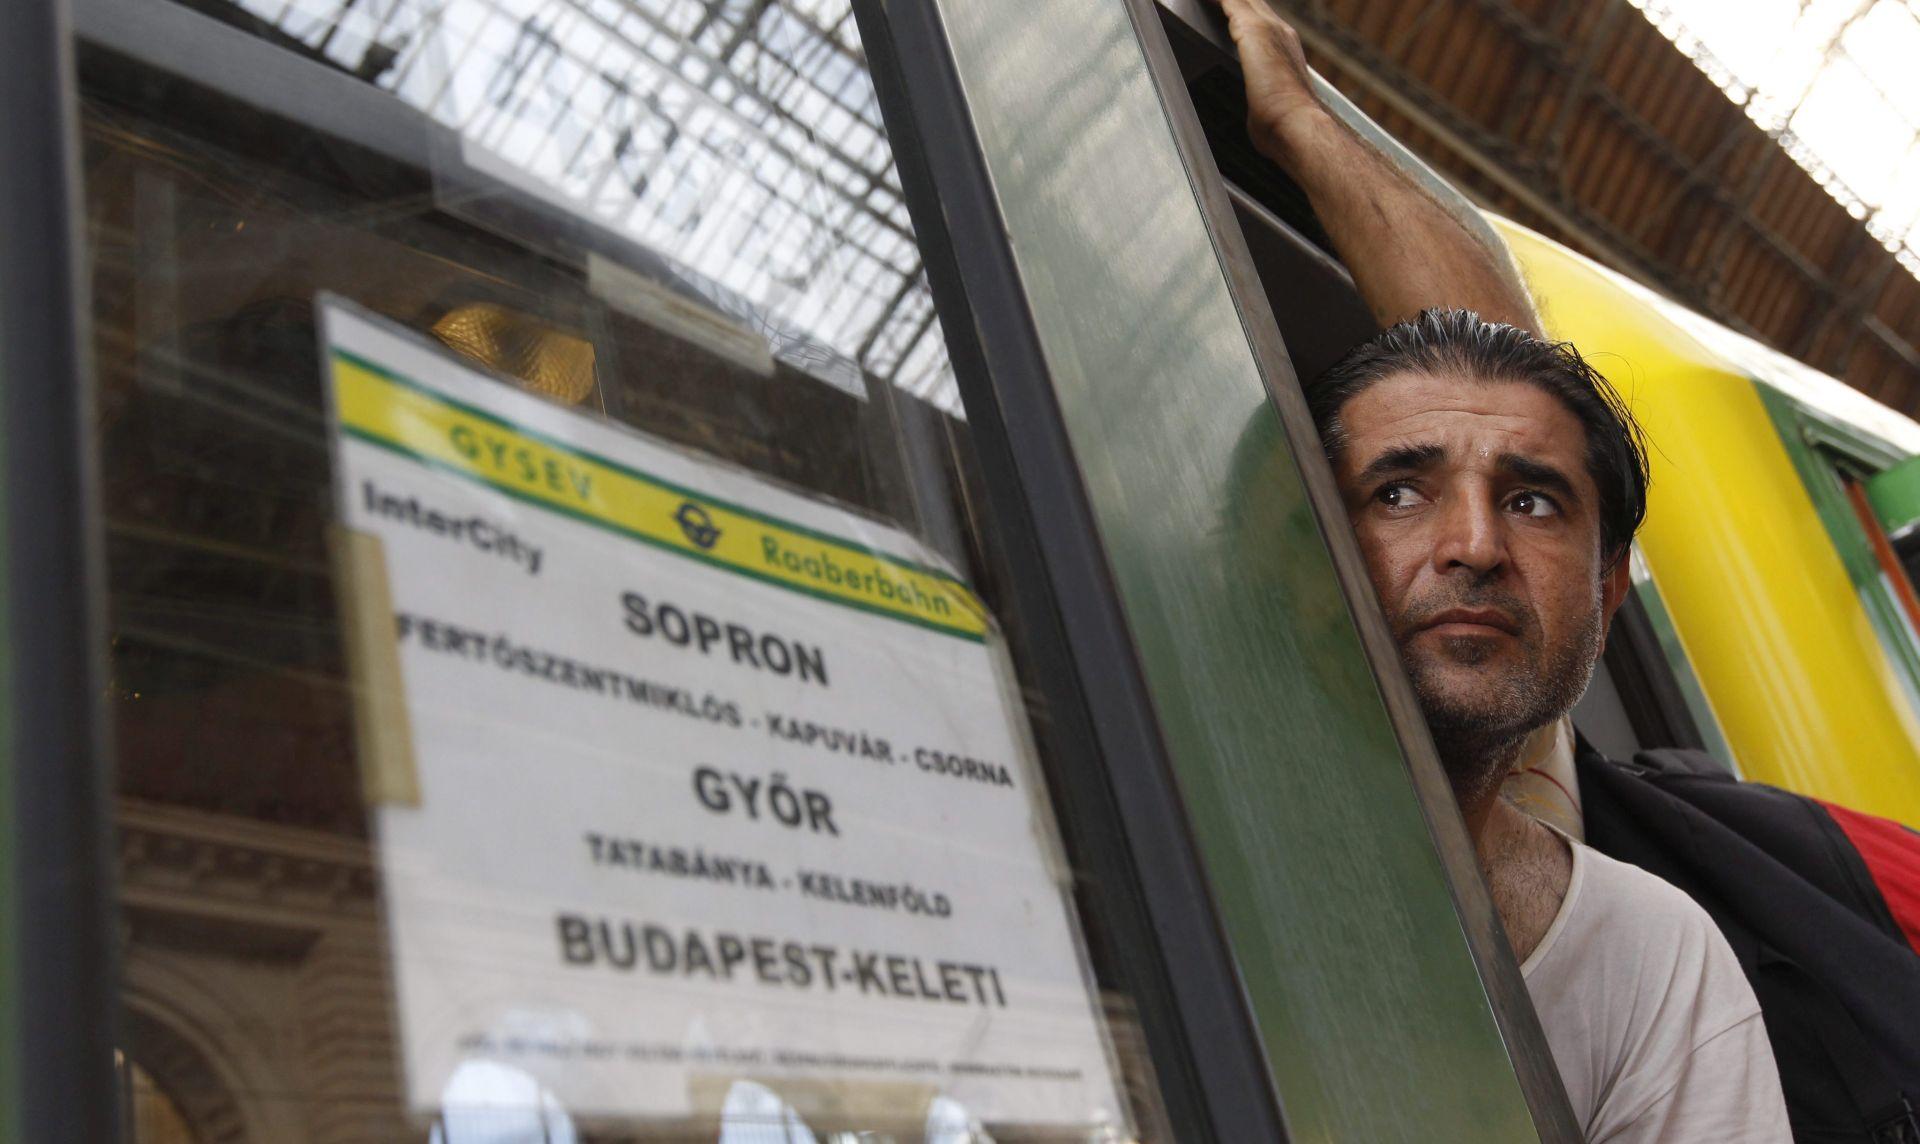 Vlakovi iz Češke i Slovačke neće više ulaziti u Mađarsku, Austrija će propuštati ljude bez kontrole